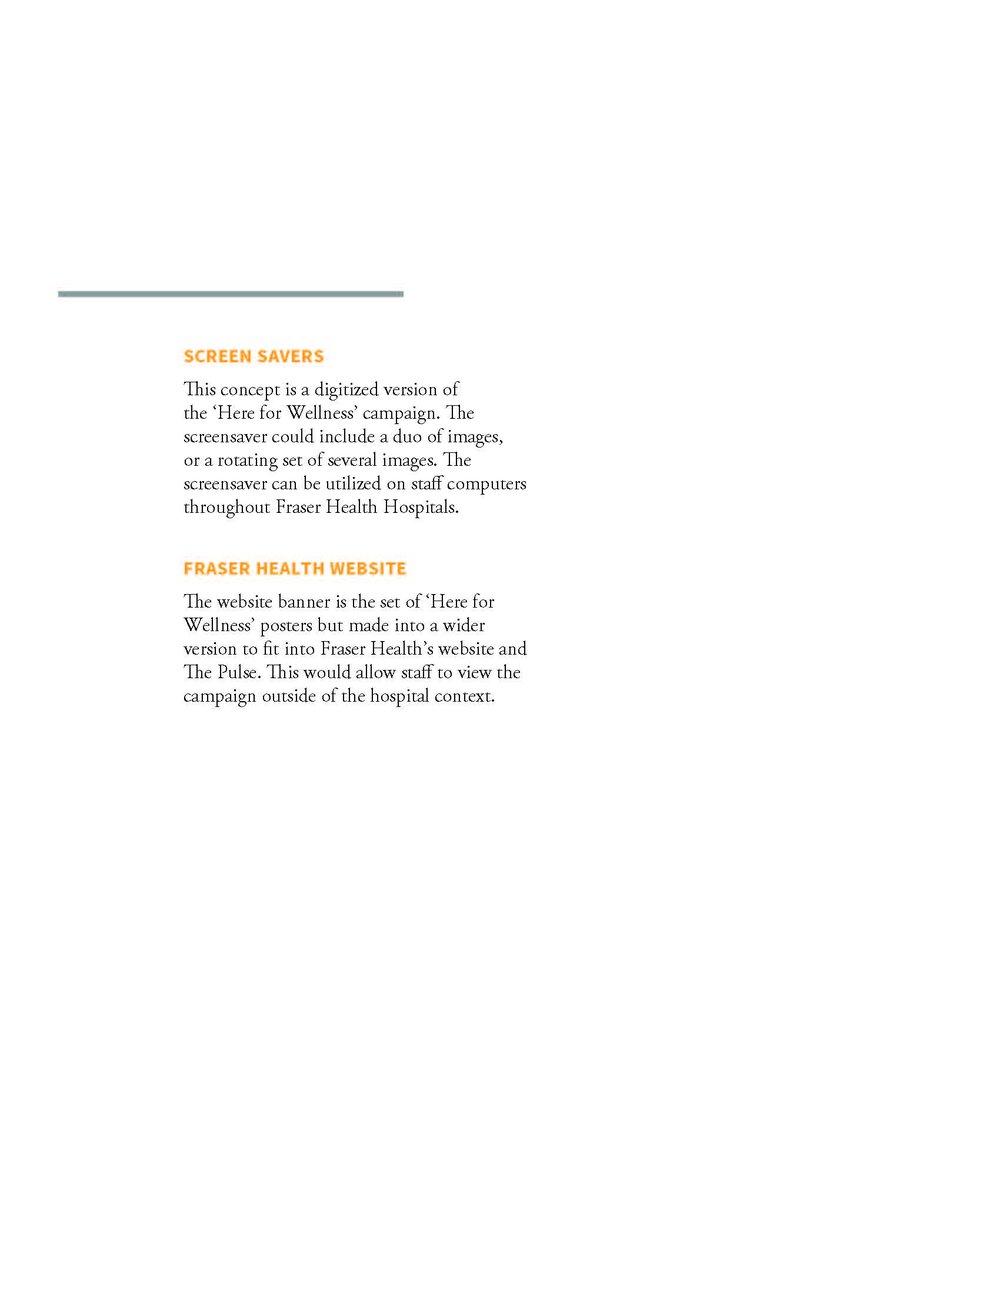 Copy of HDL_Fraser_Health_V4_Page_44.jpg